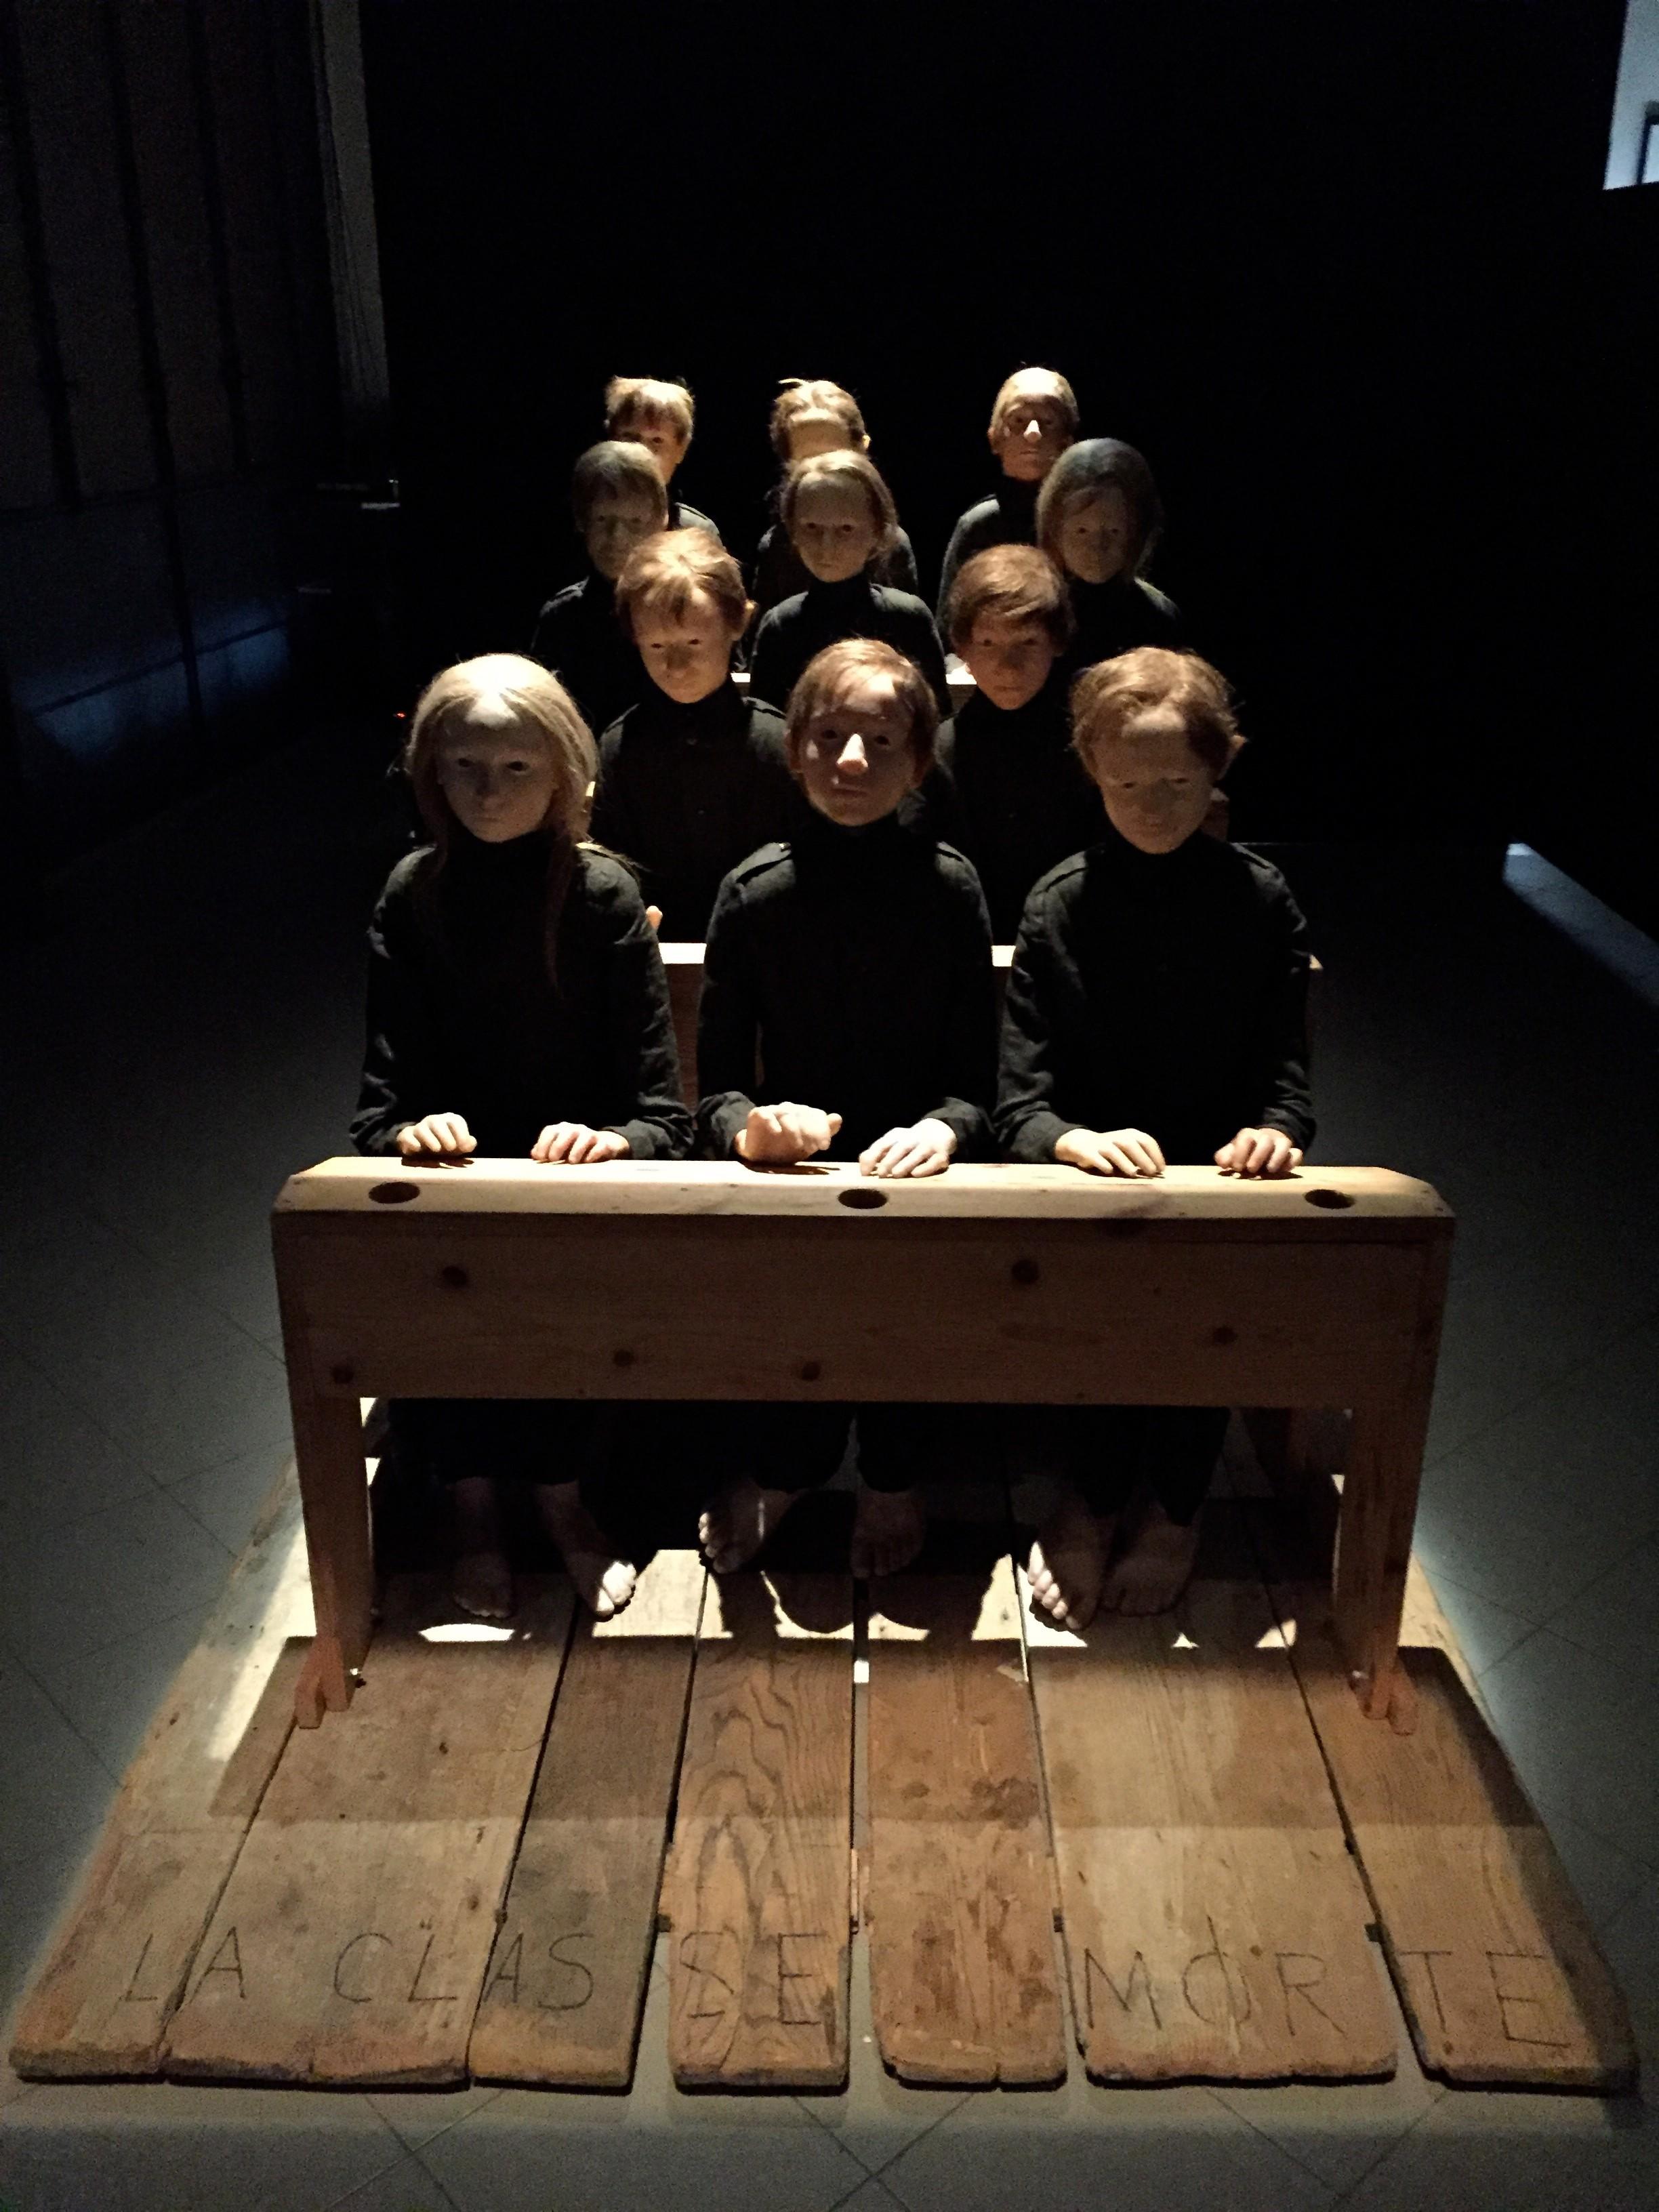 Kantor - La classe morta